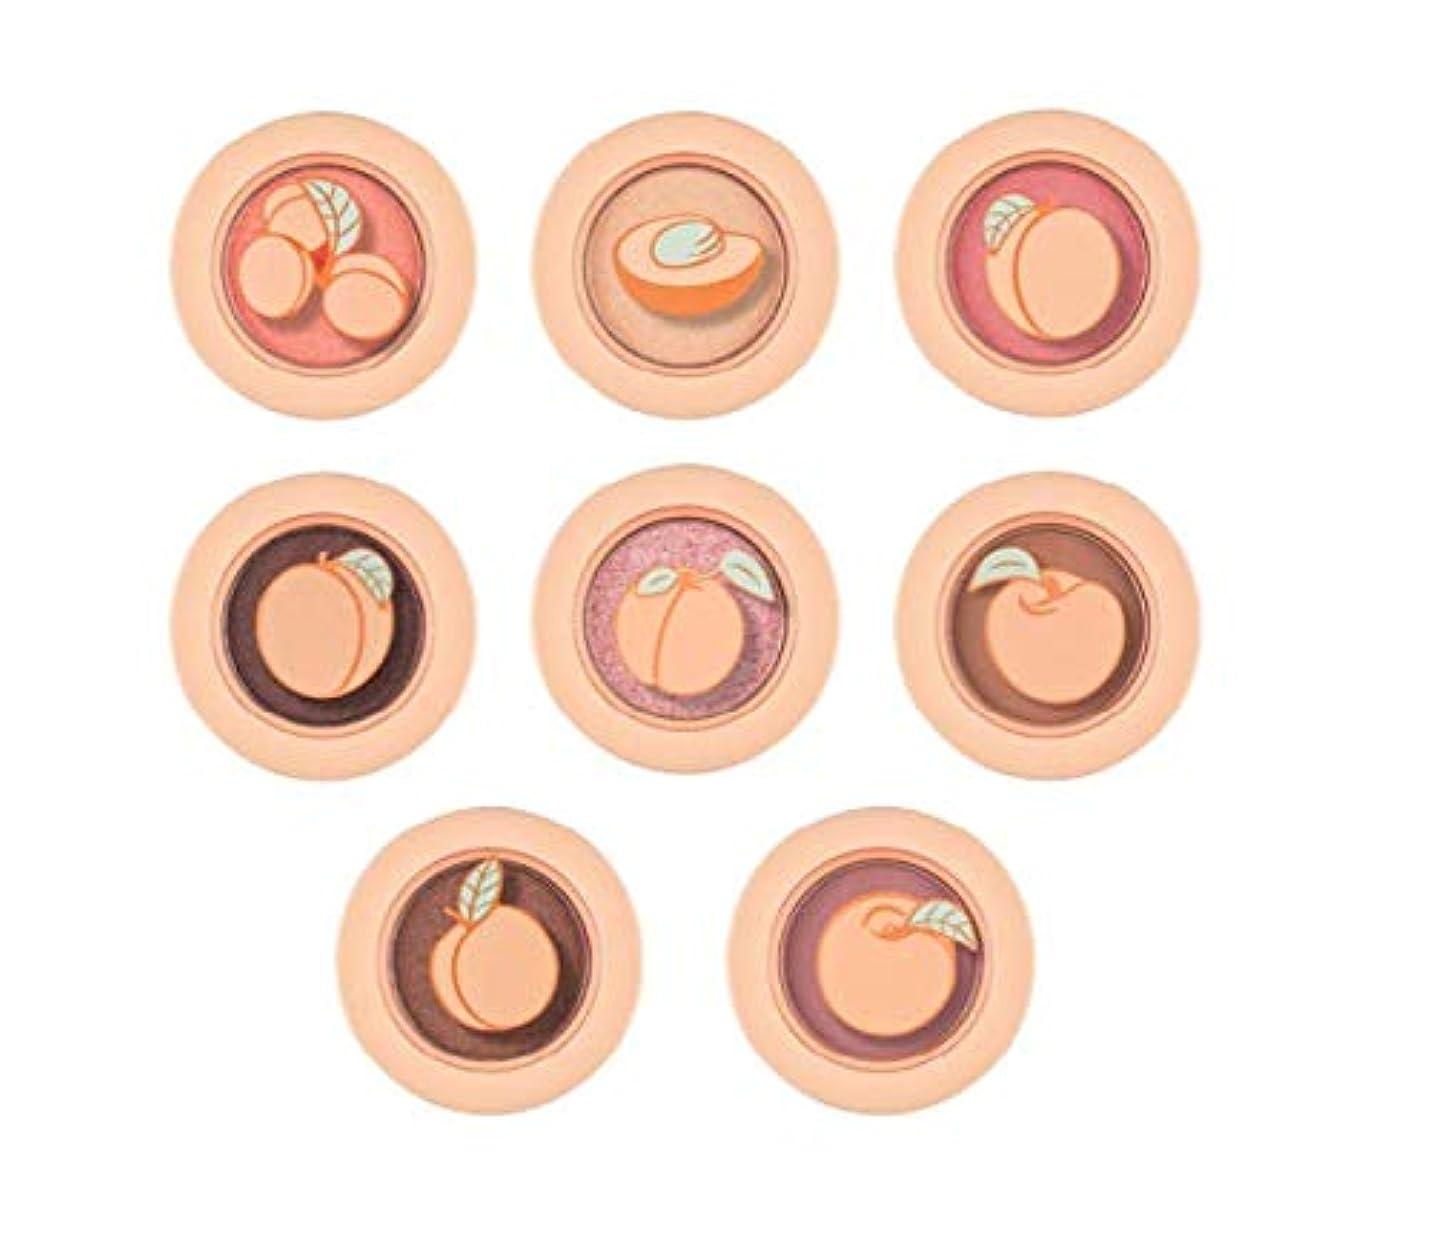 メディックテニス小さい【アリタウム.aritaum](公式)モノアイズアプリコットコレクション/mono eyes collection (M22)